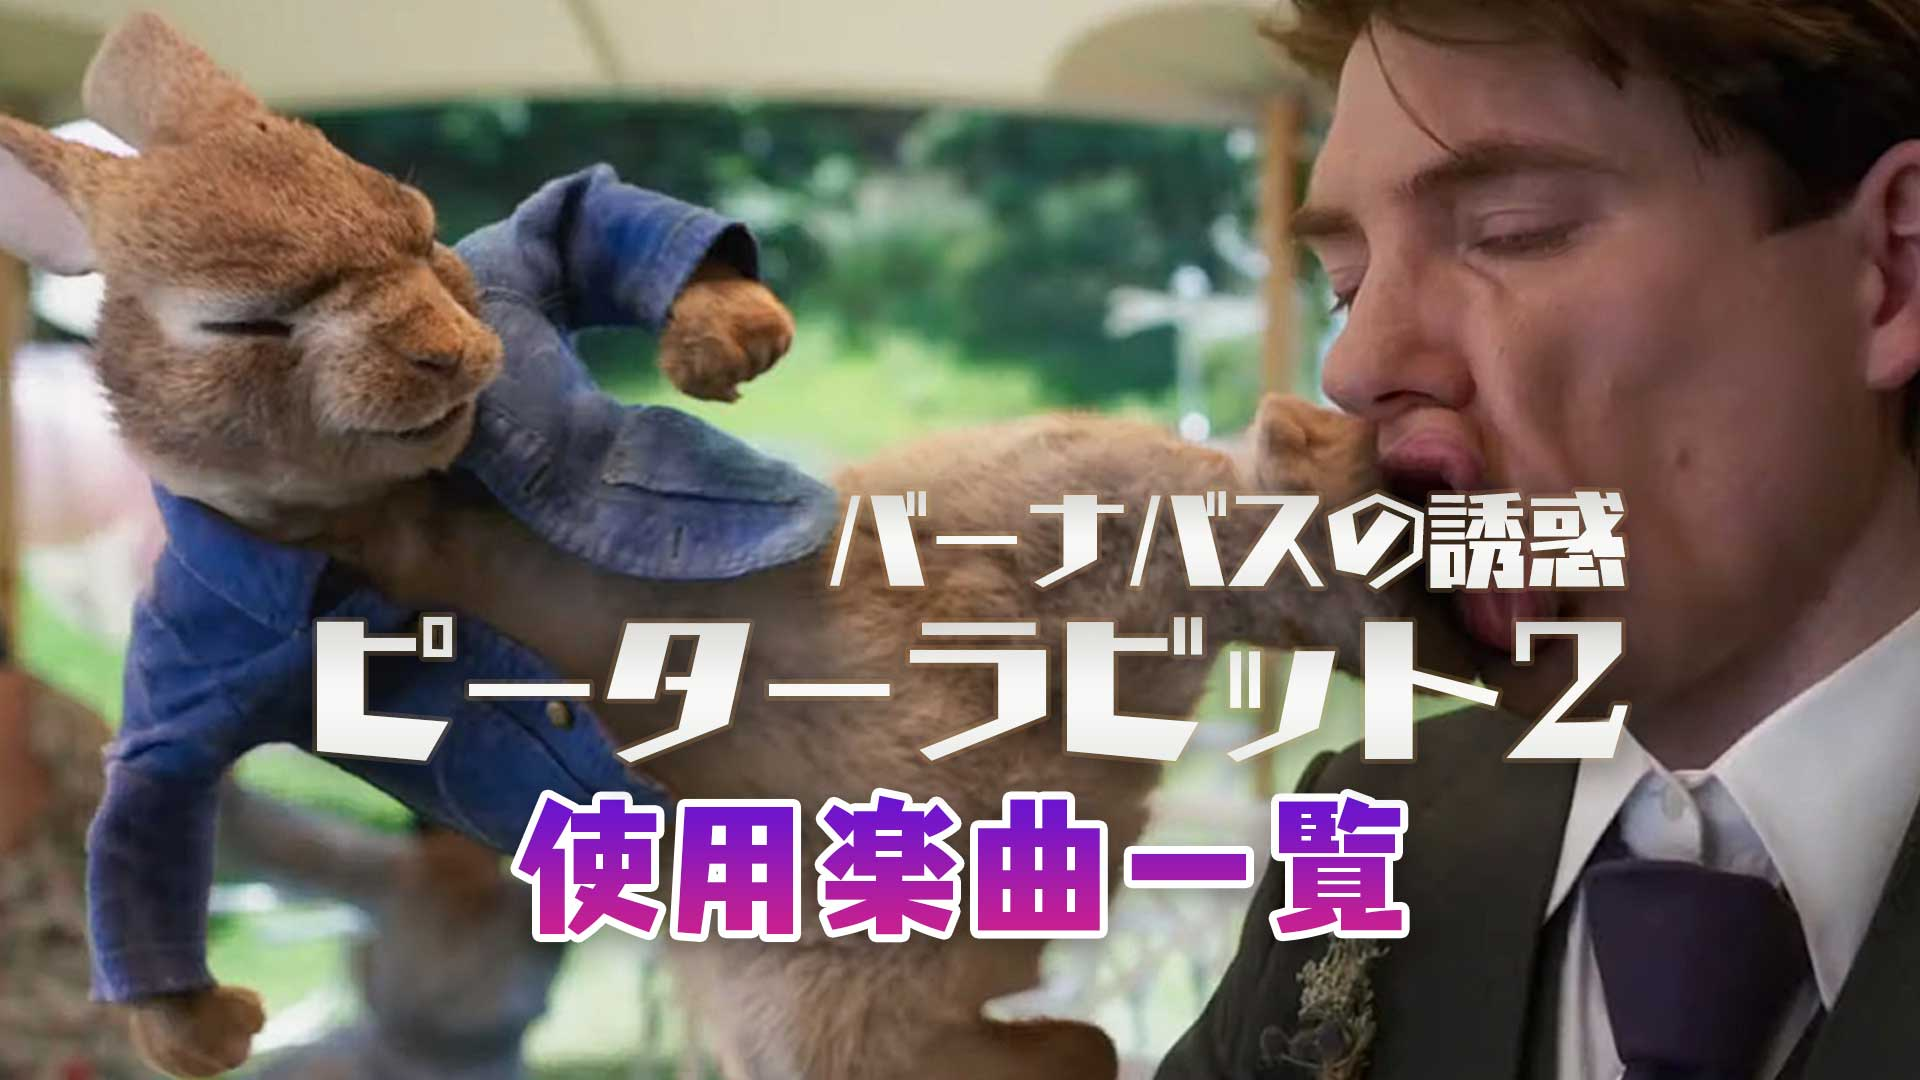 映画『ピーターラビット2 バーナバスの誘惑』で使われている曲・挿入歌まとめ!